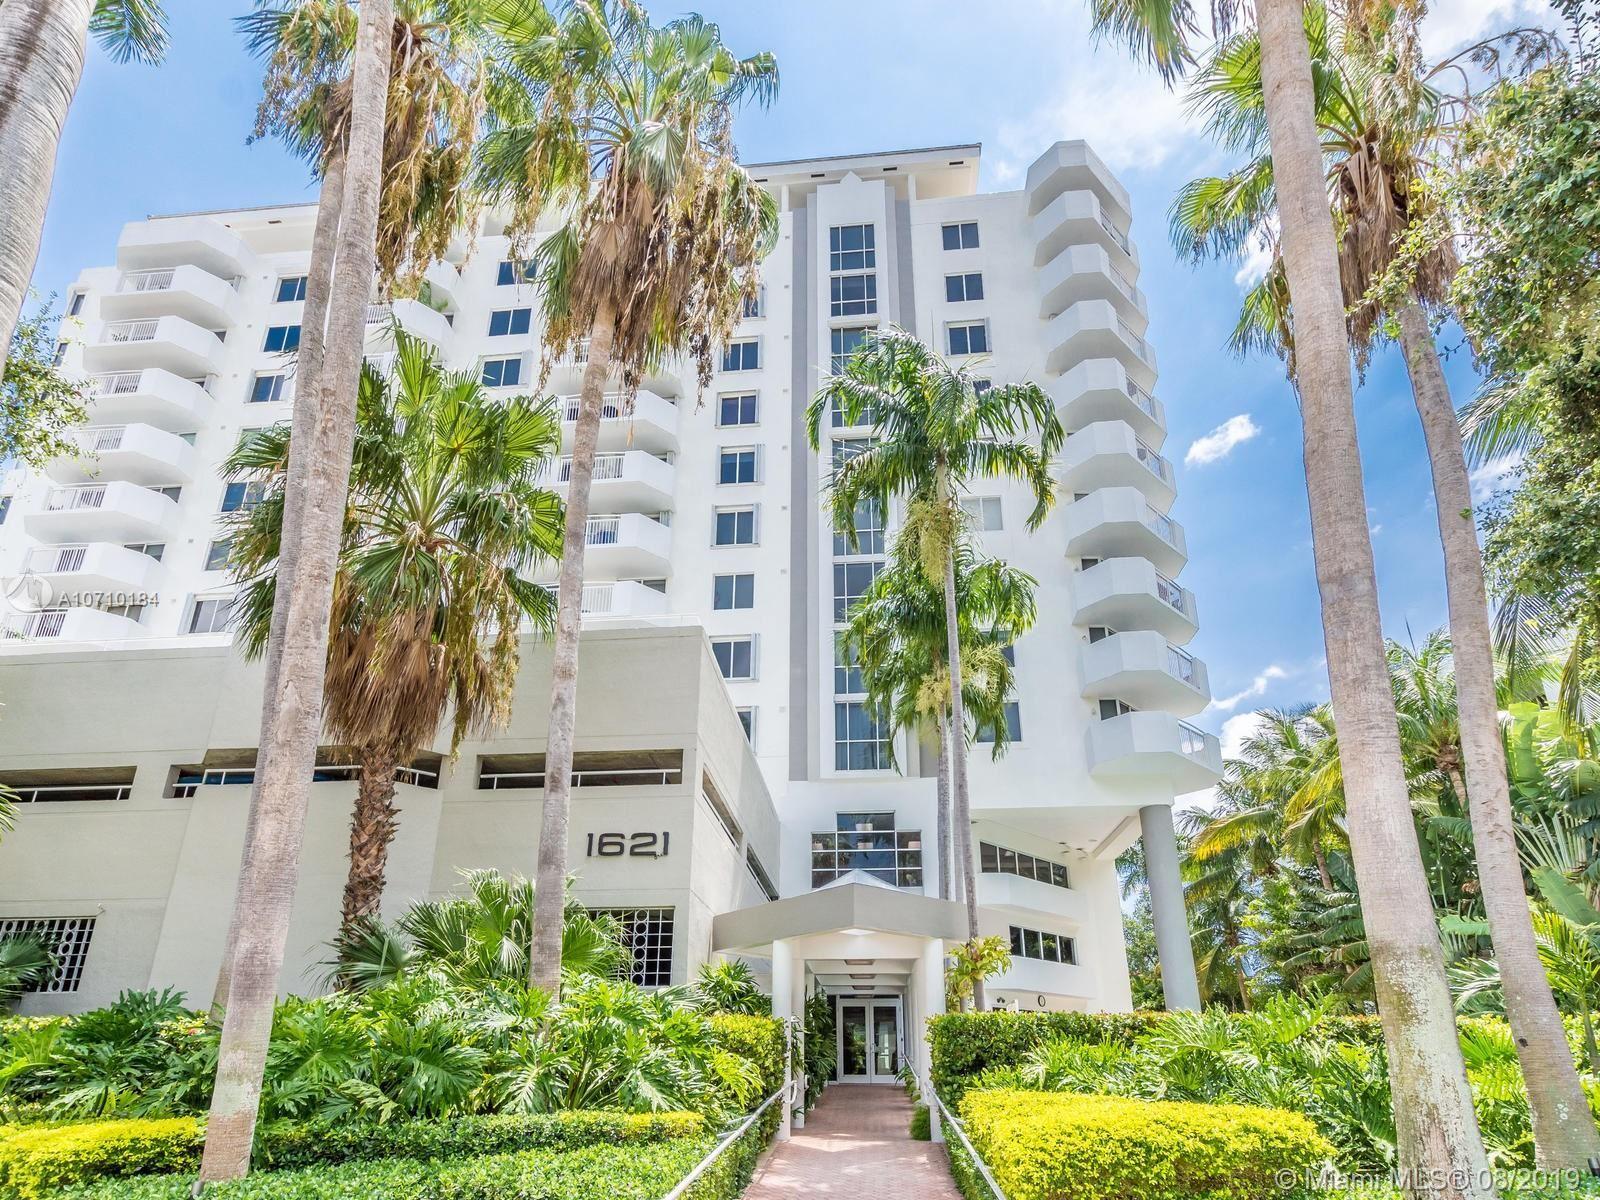 1621 Bay Rd #502, Miami Beach, FL 33139 - #: A10710184